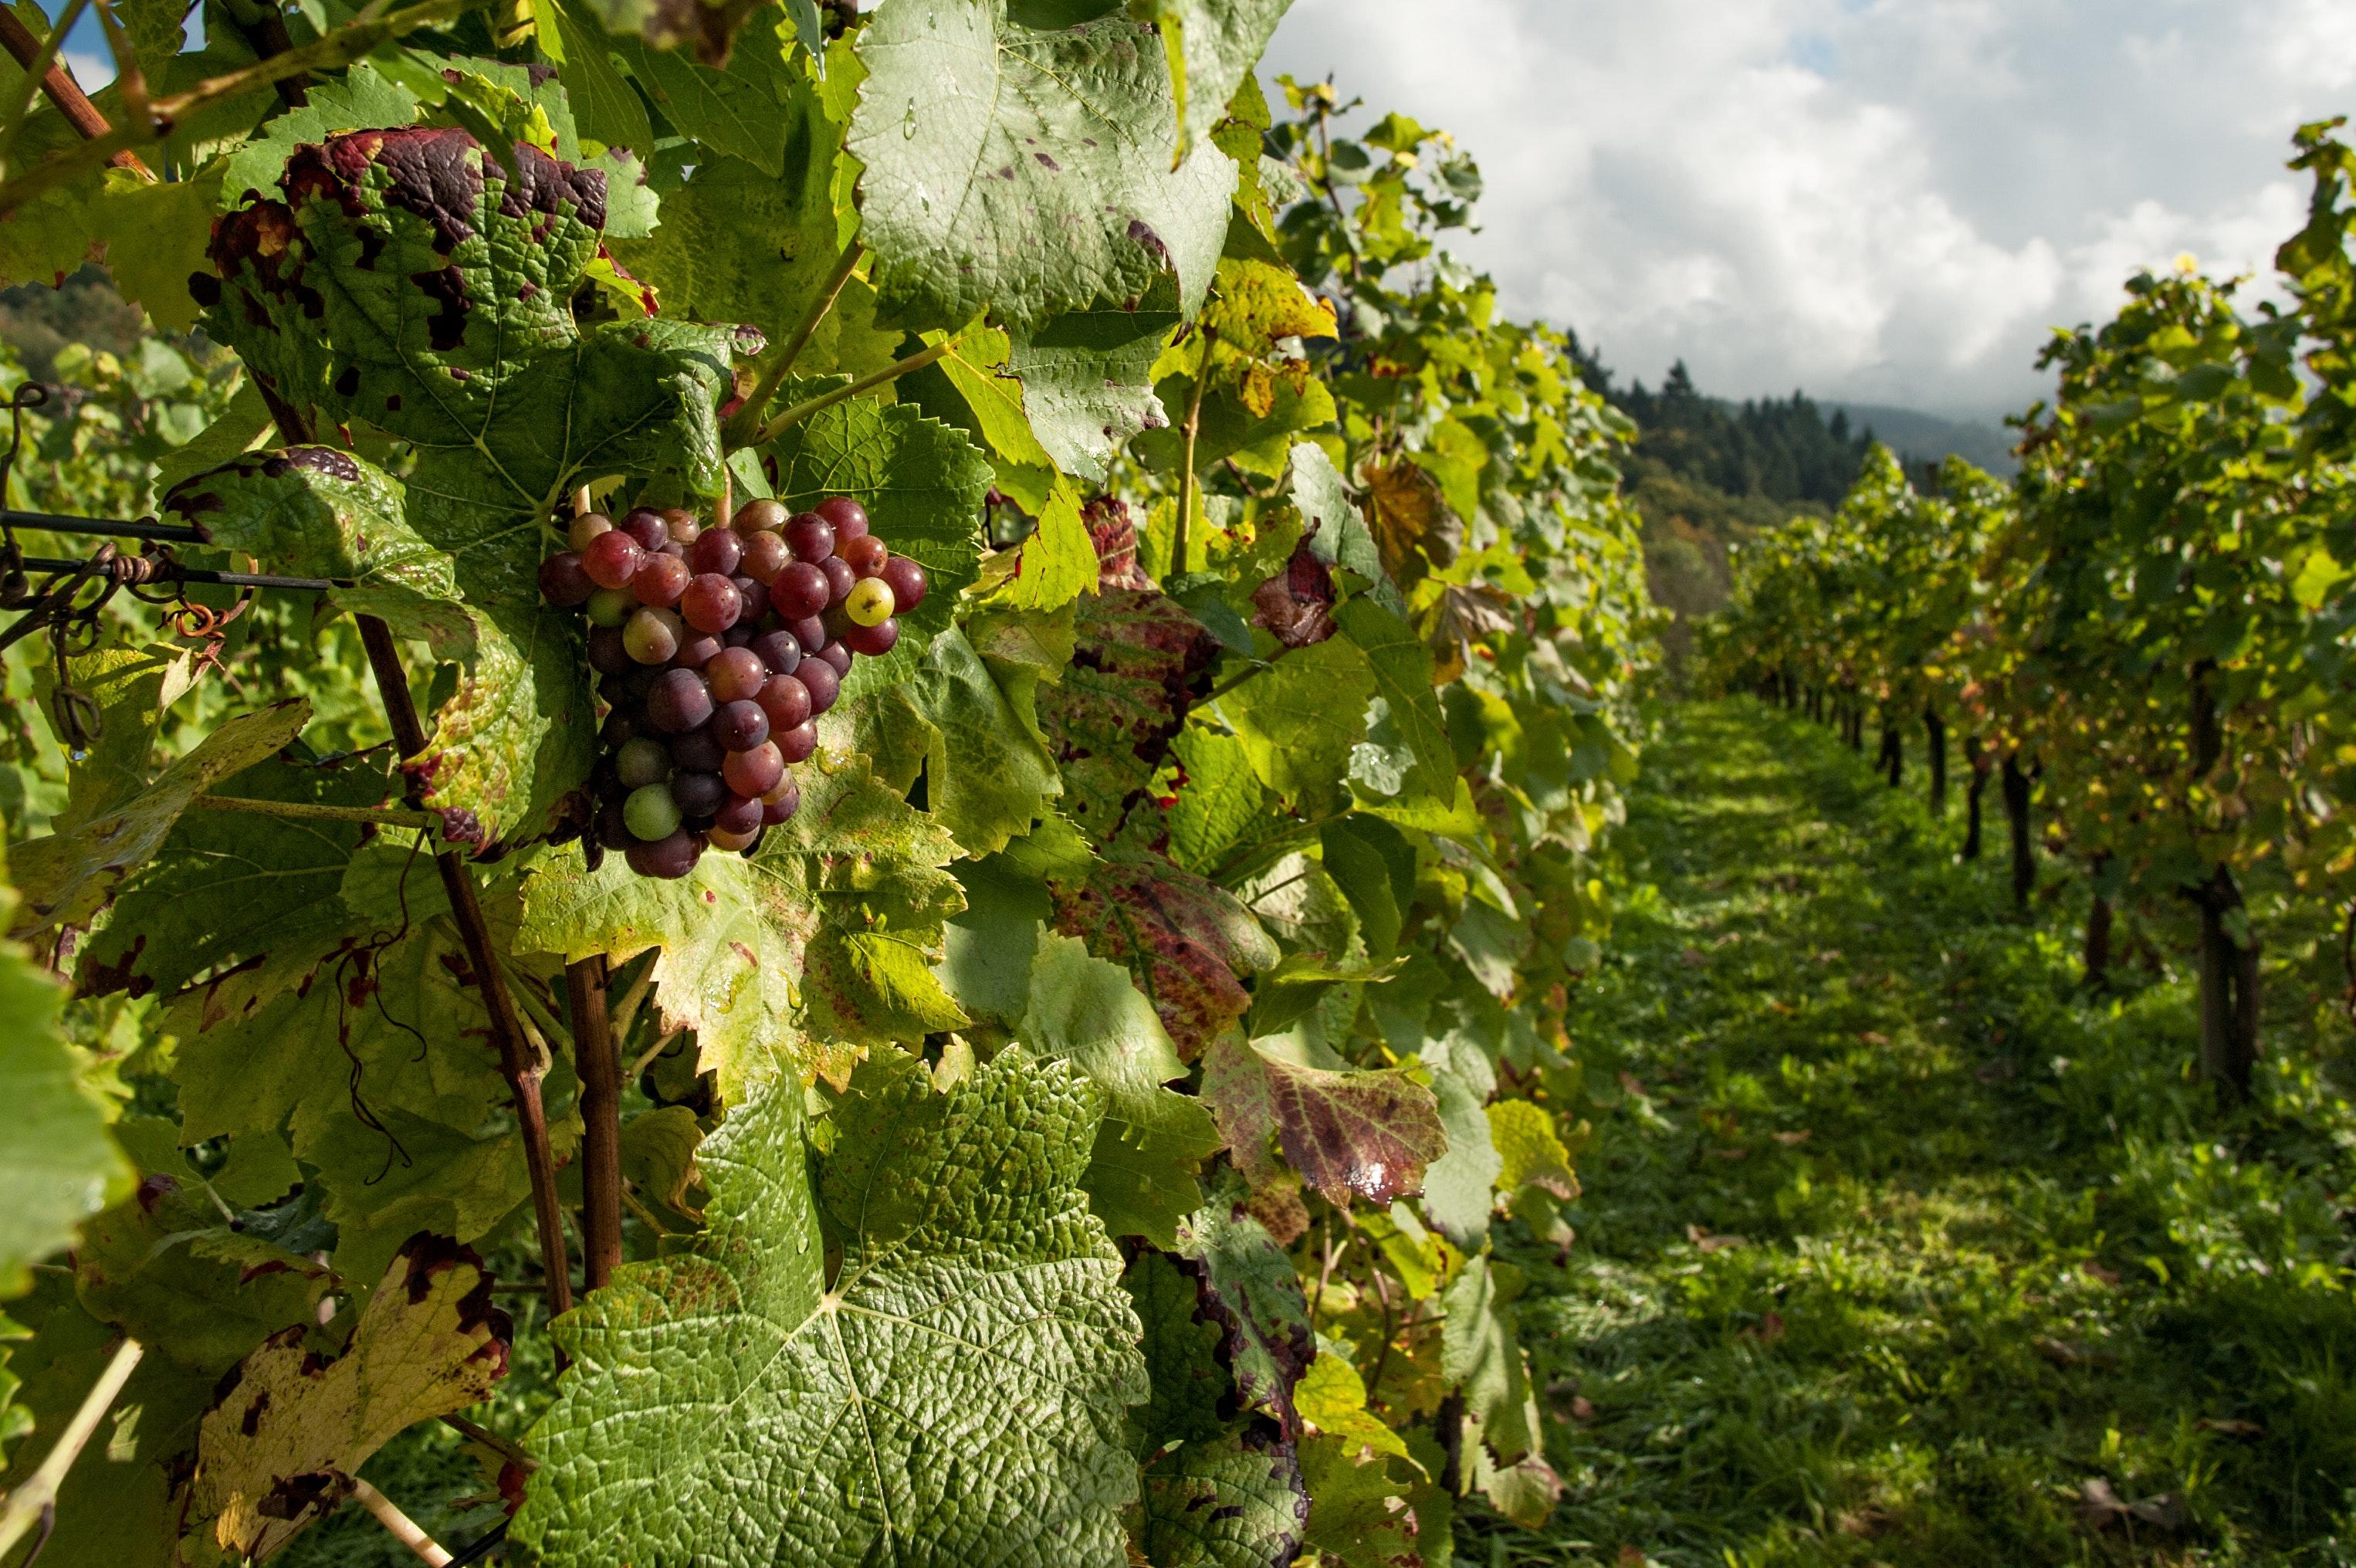 flavescenza dorata cura dei vitigni